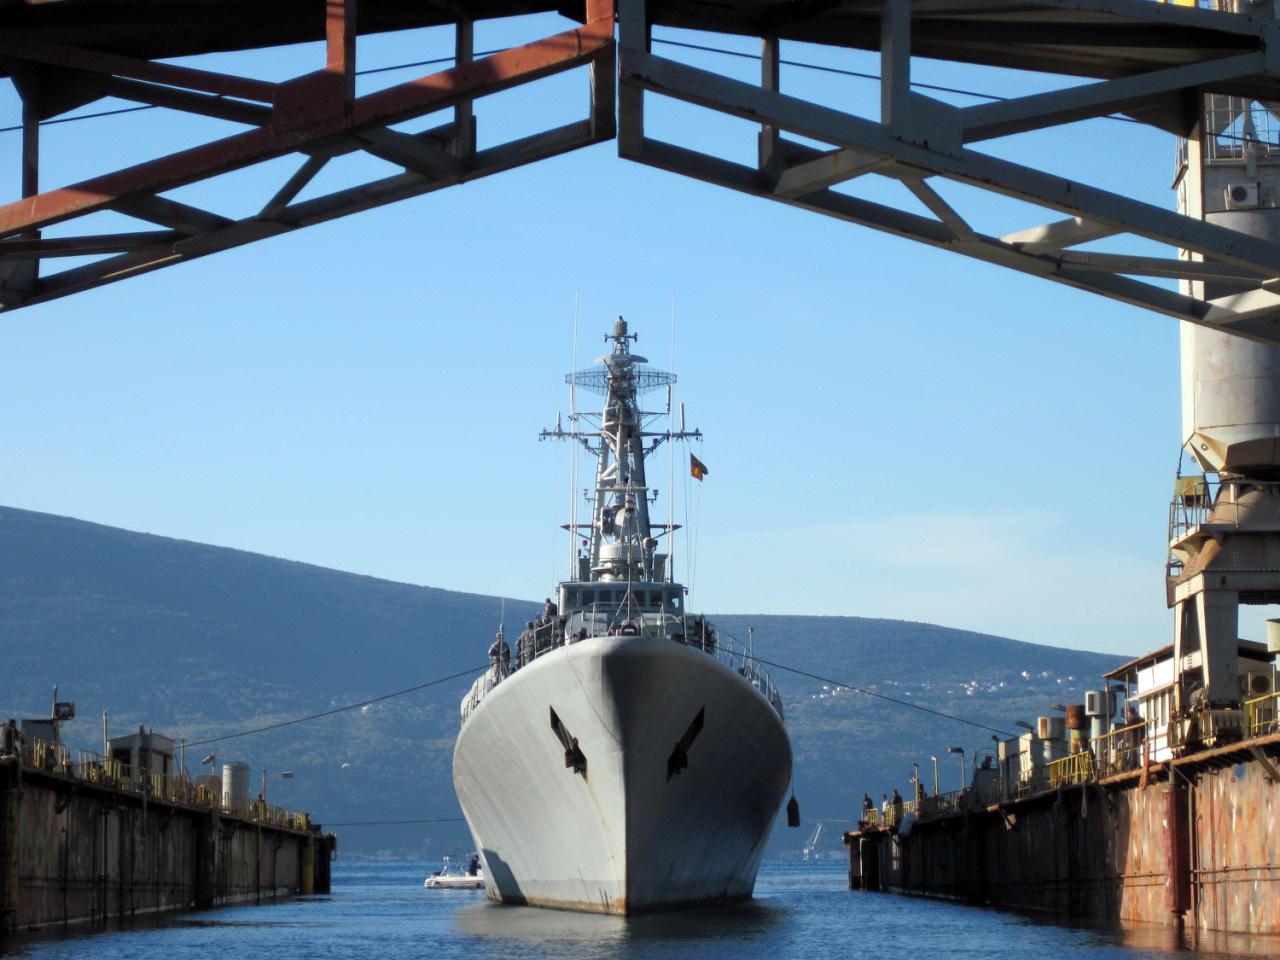 Uvodjenje fregate 34 u dok u Bijeloj